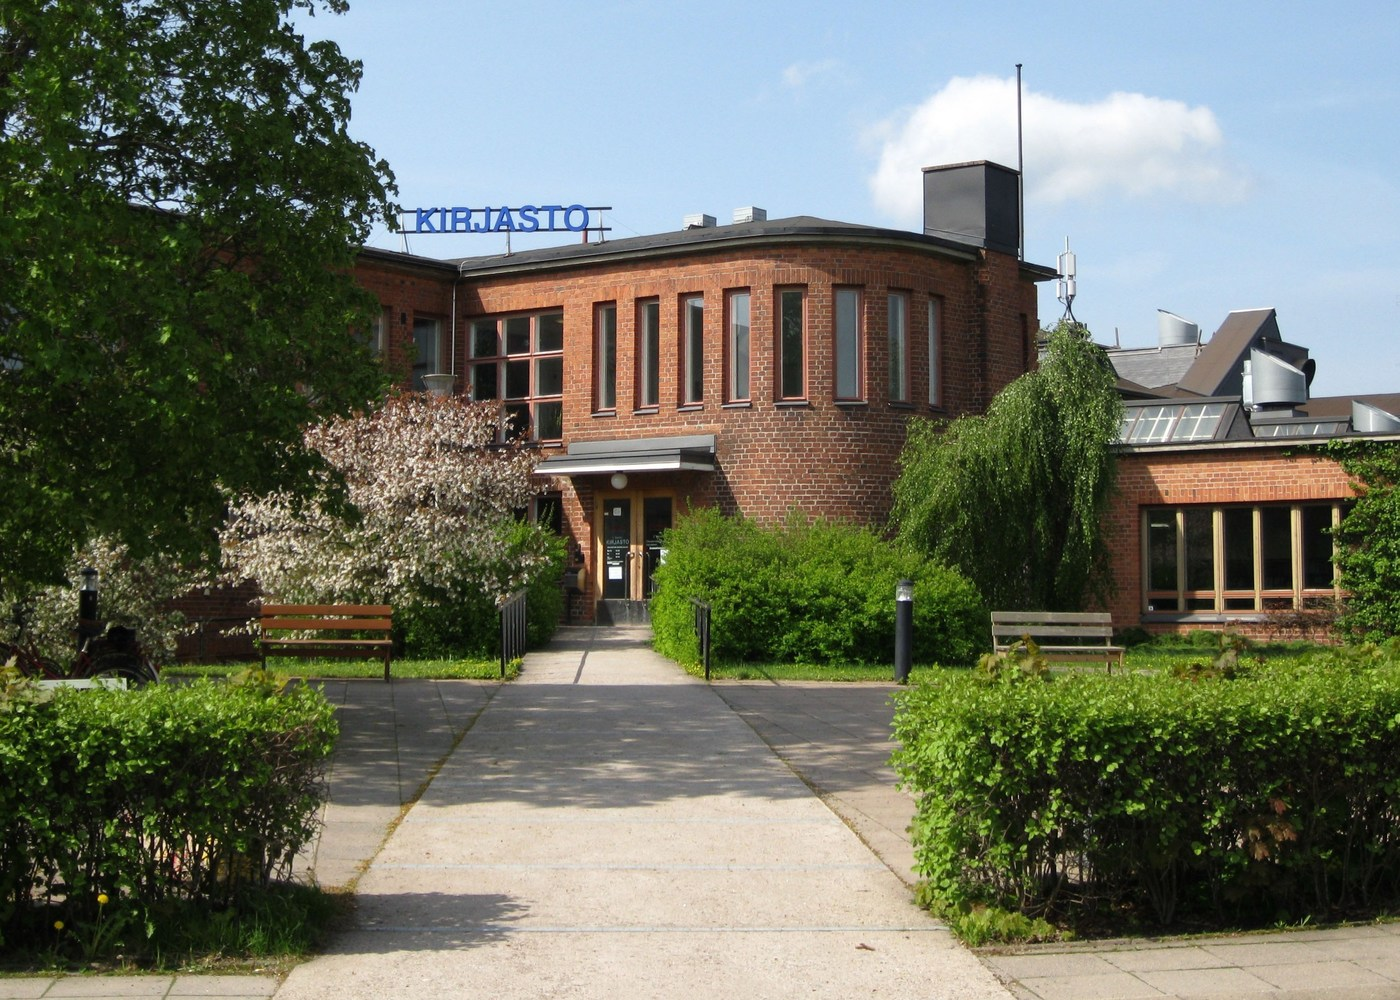 Karkkilan kirjasto